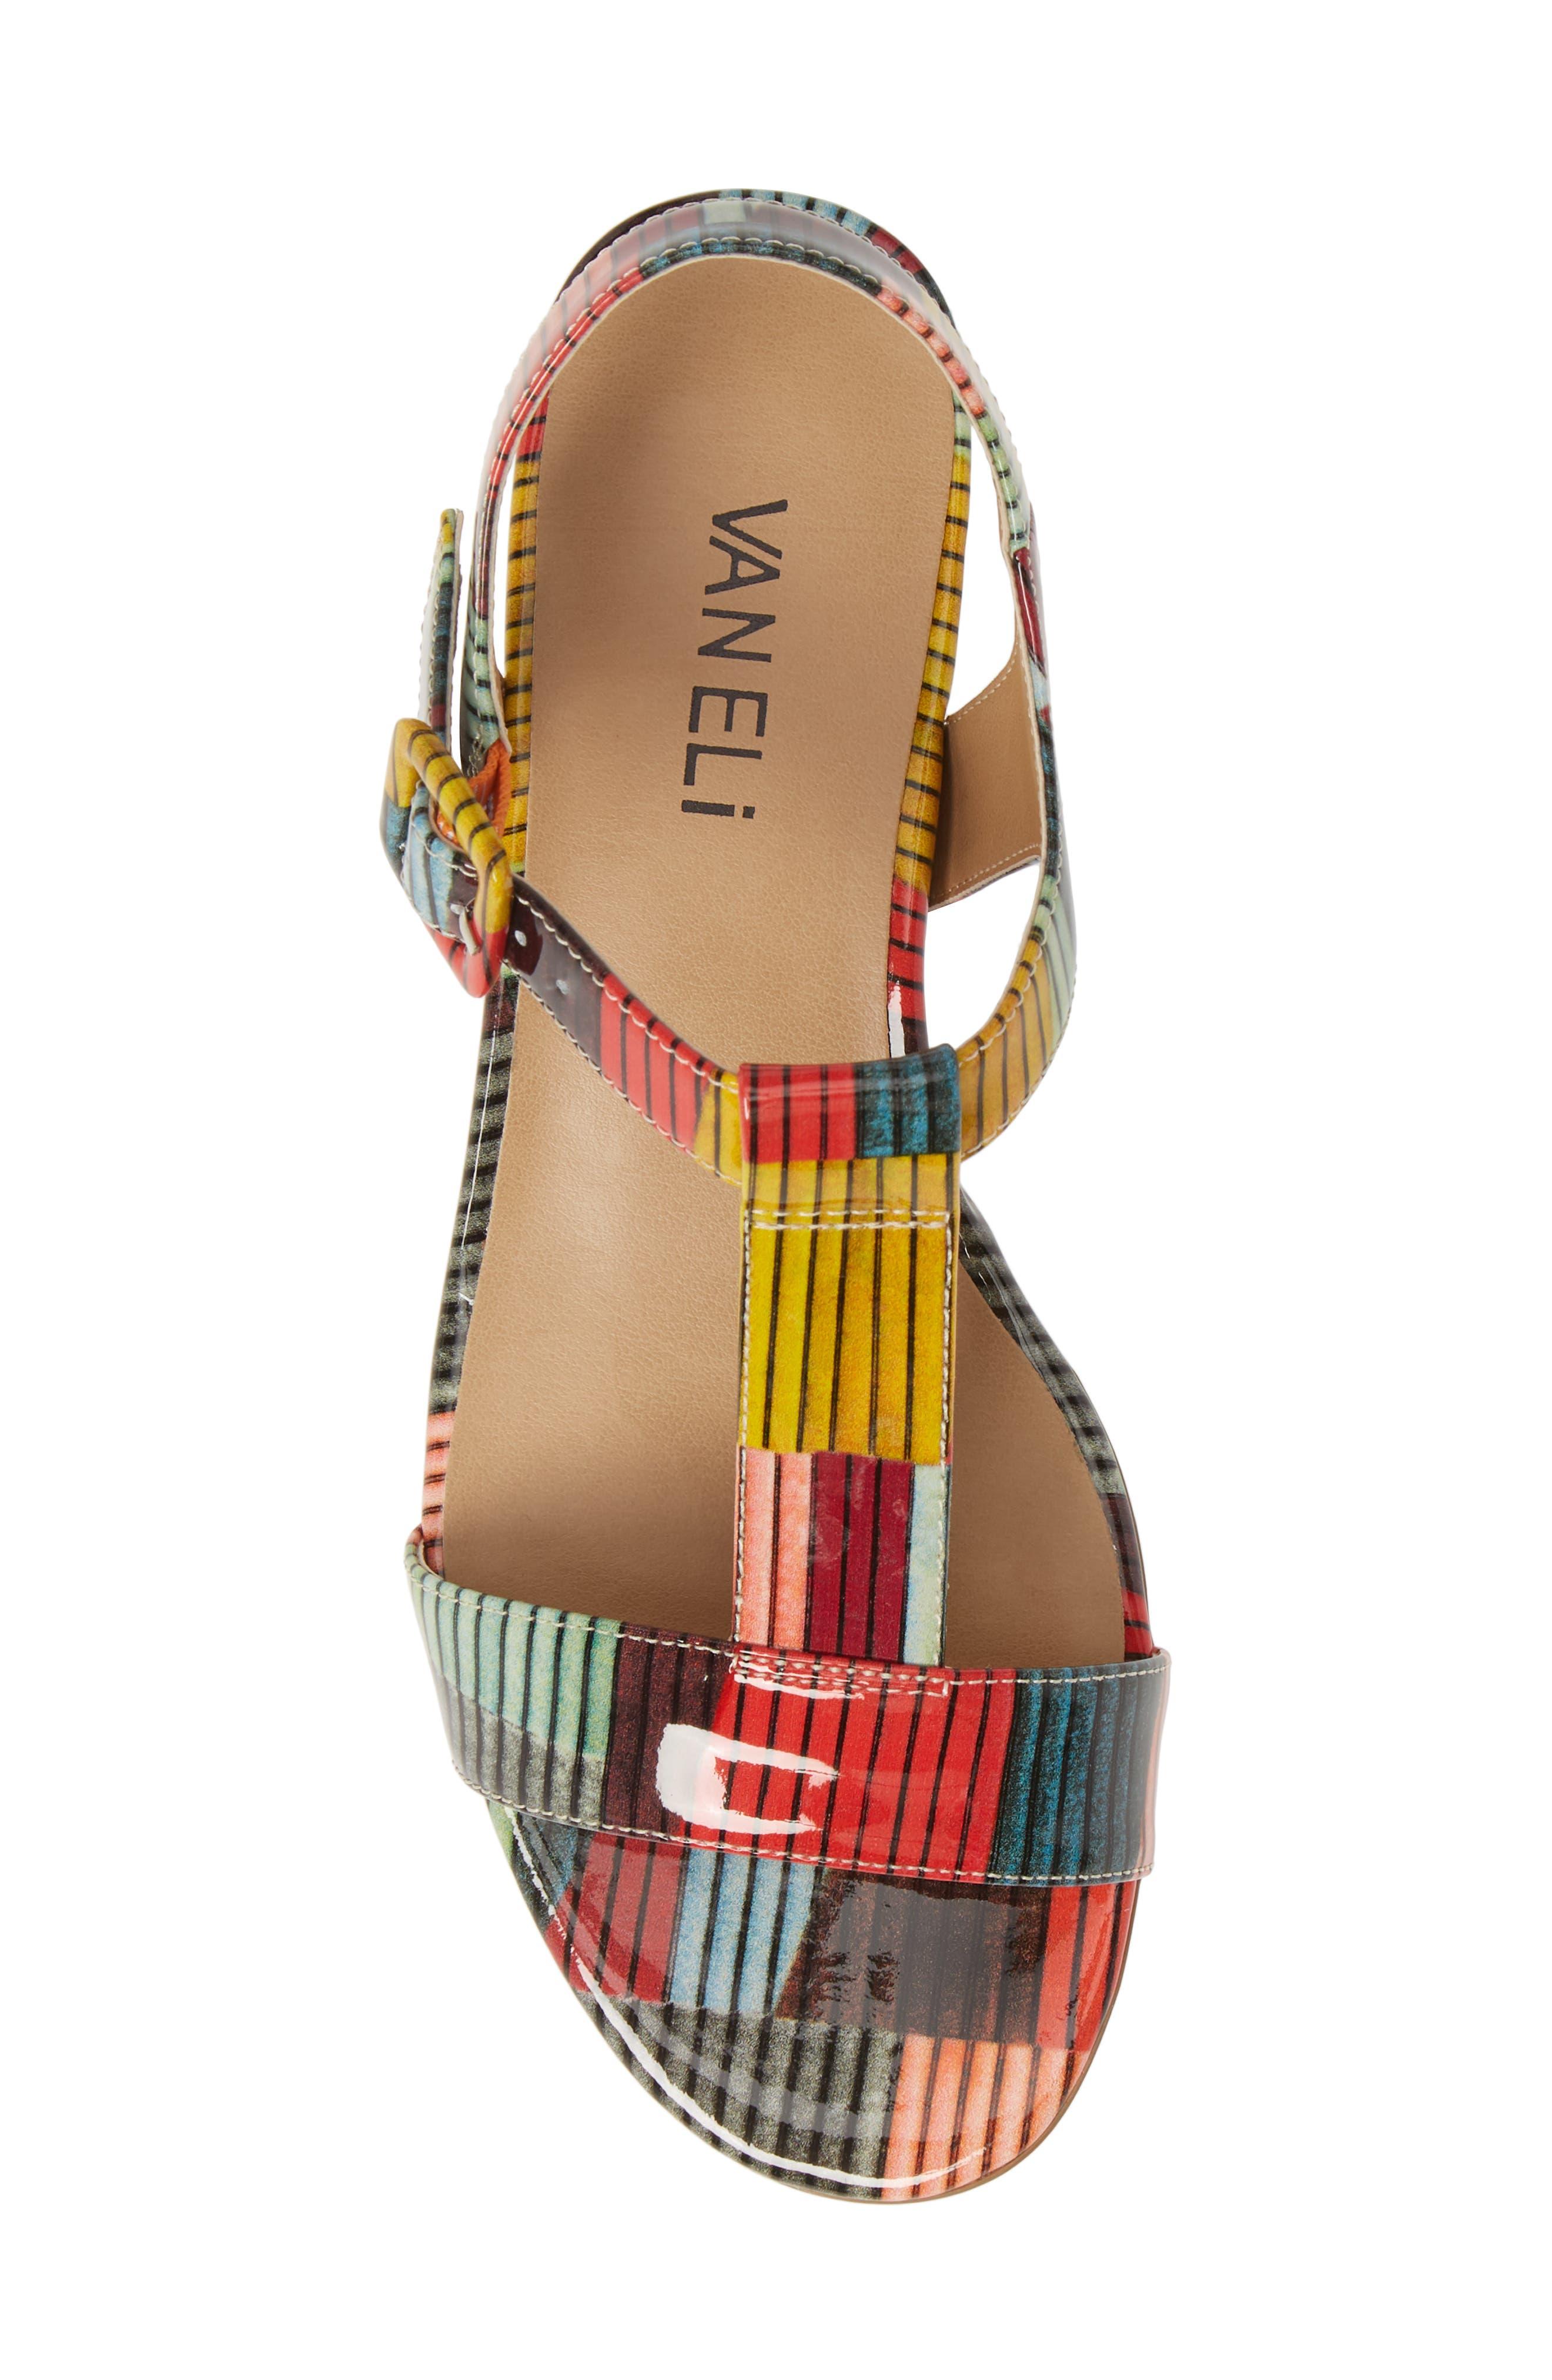 VANELI, Burlie T-Strap Sandal, Alternate thumbnail 5, color, MULTICOLOR PATENT LEATHER